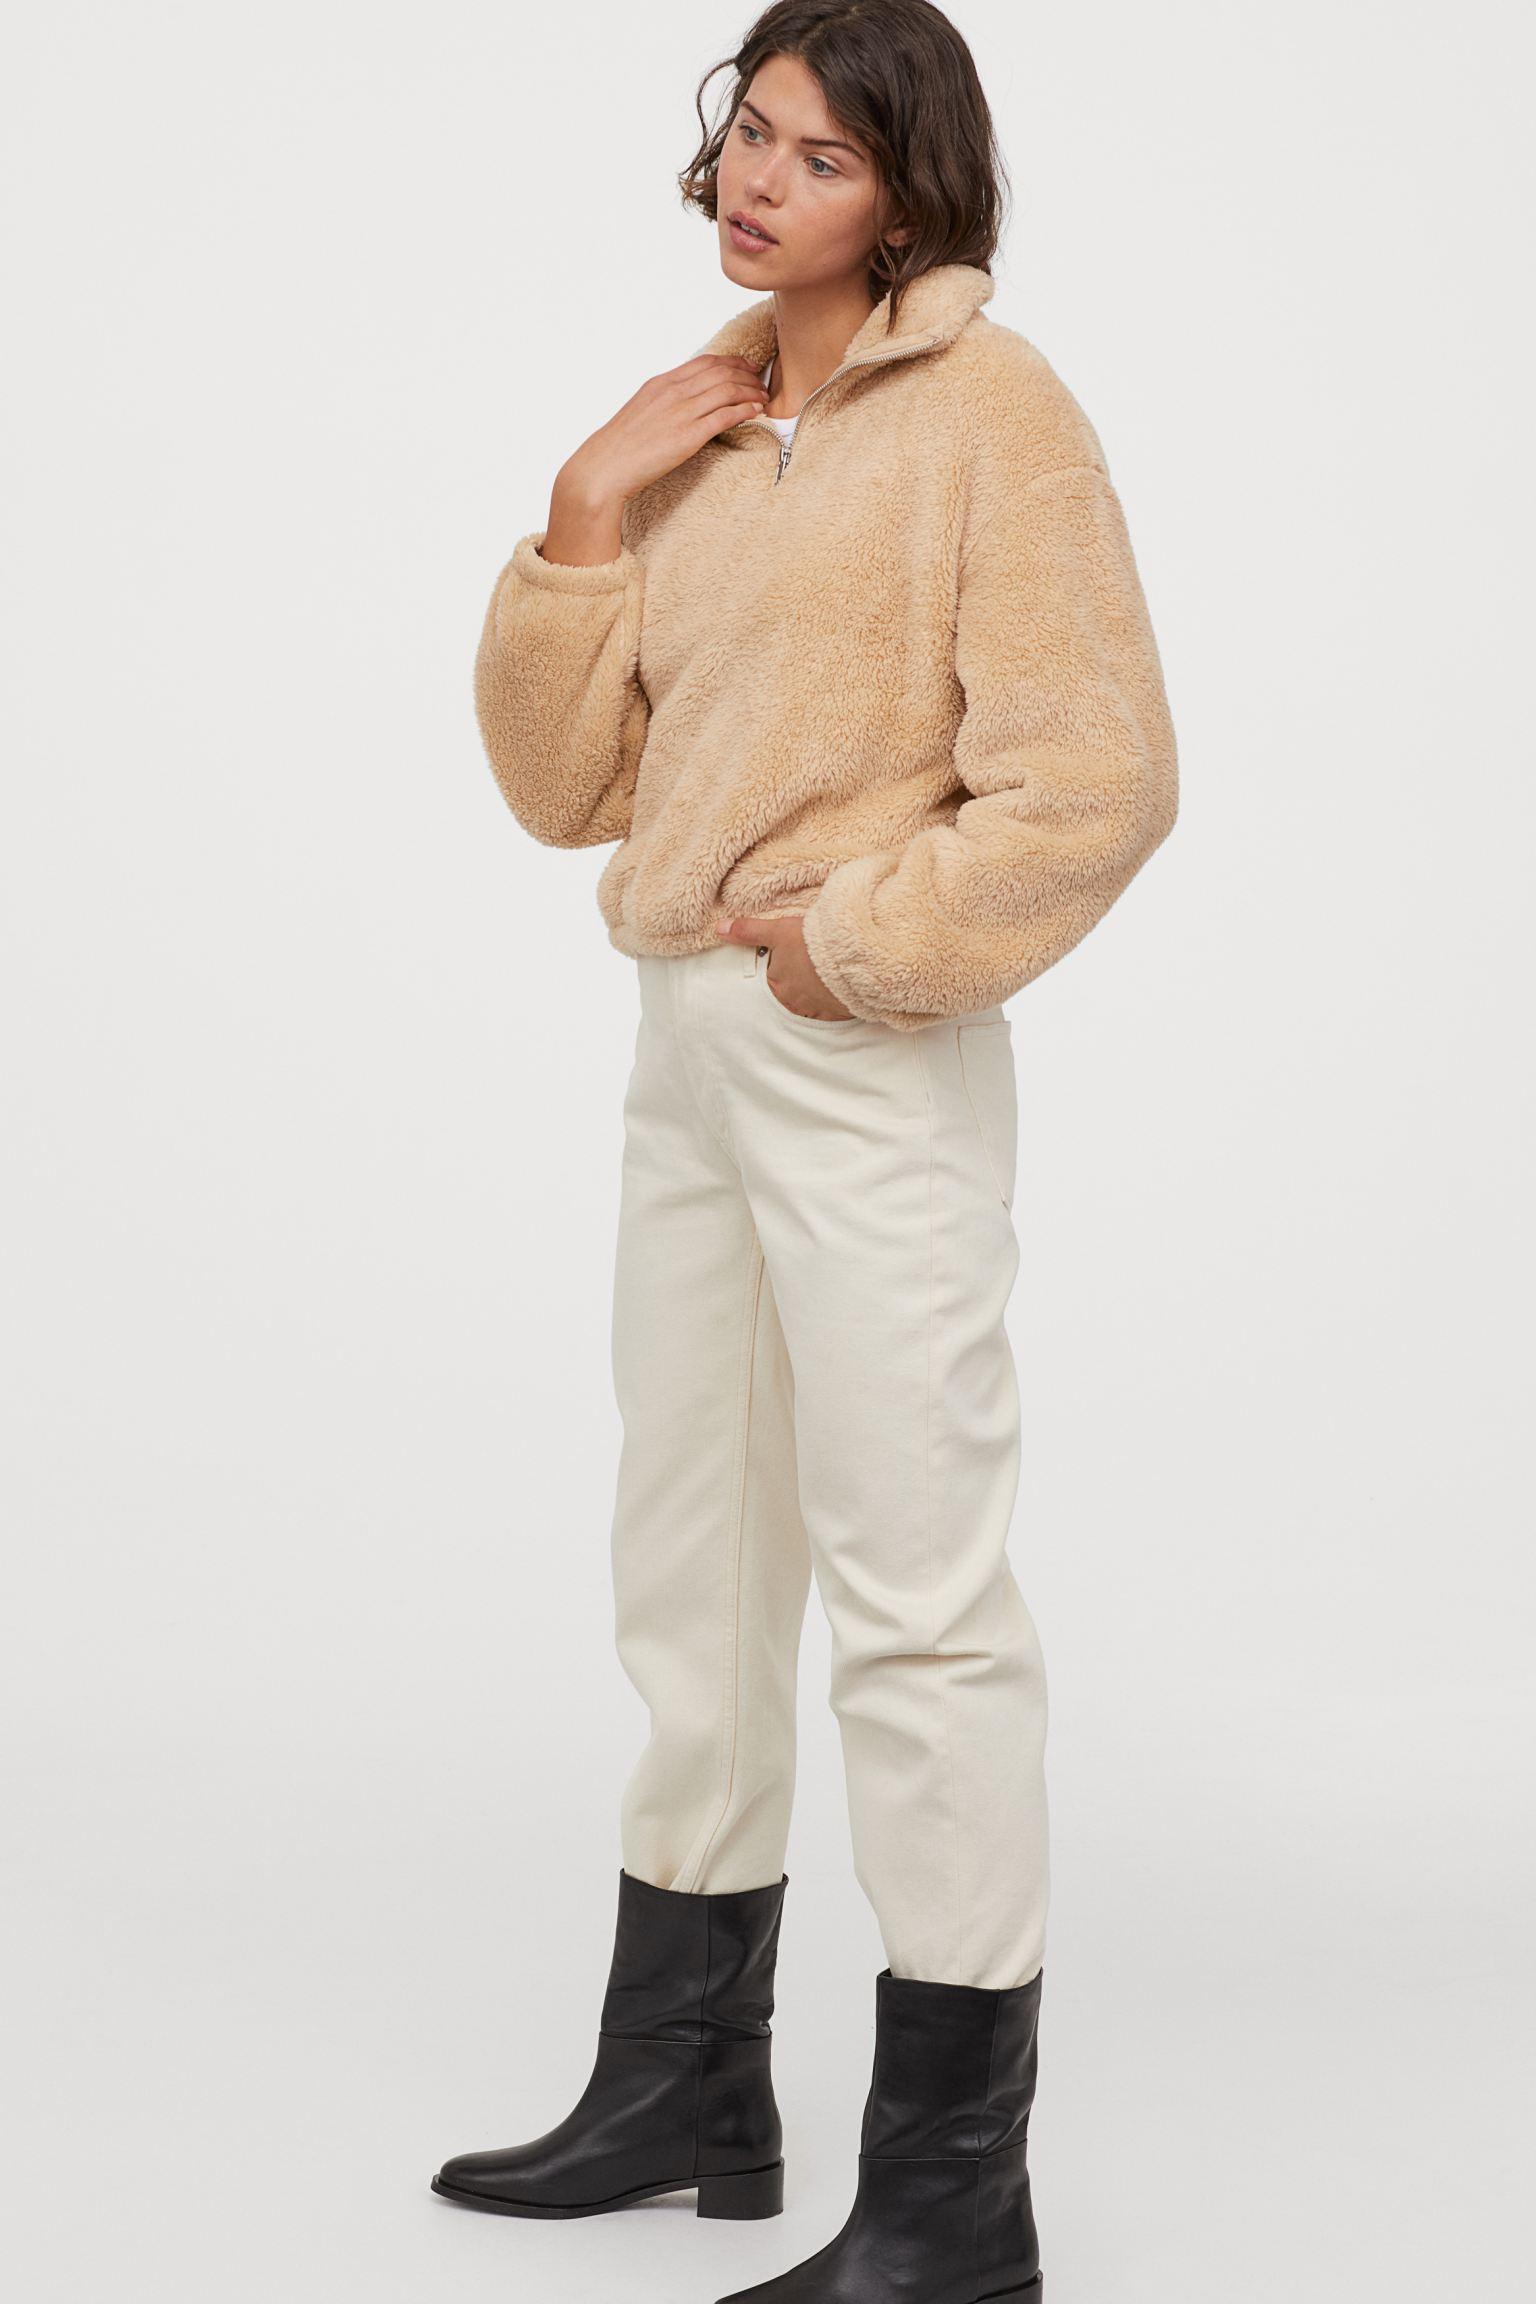 Отзыв на Флисовая кофта с Молния из Интернет-Магазина H&M